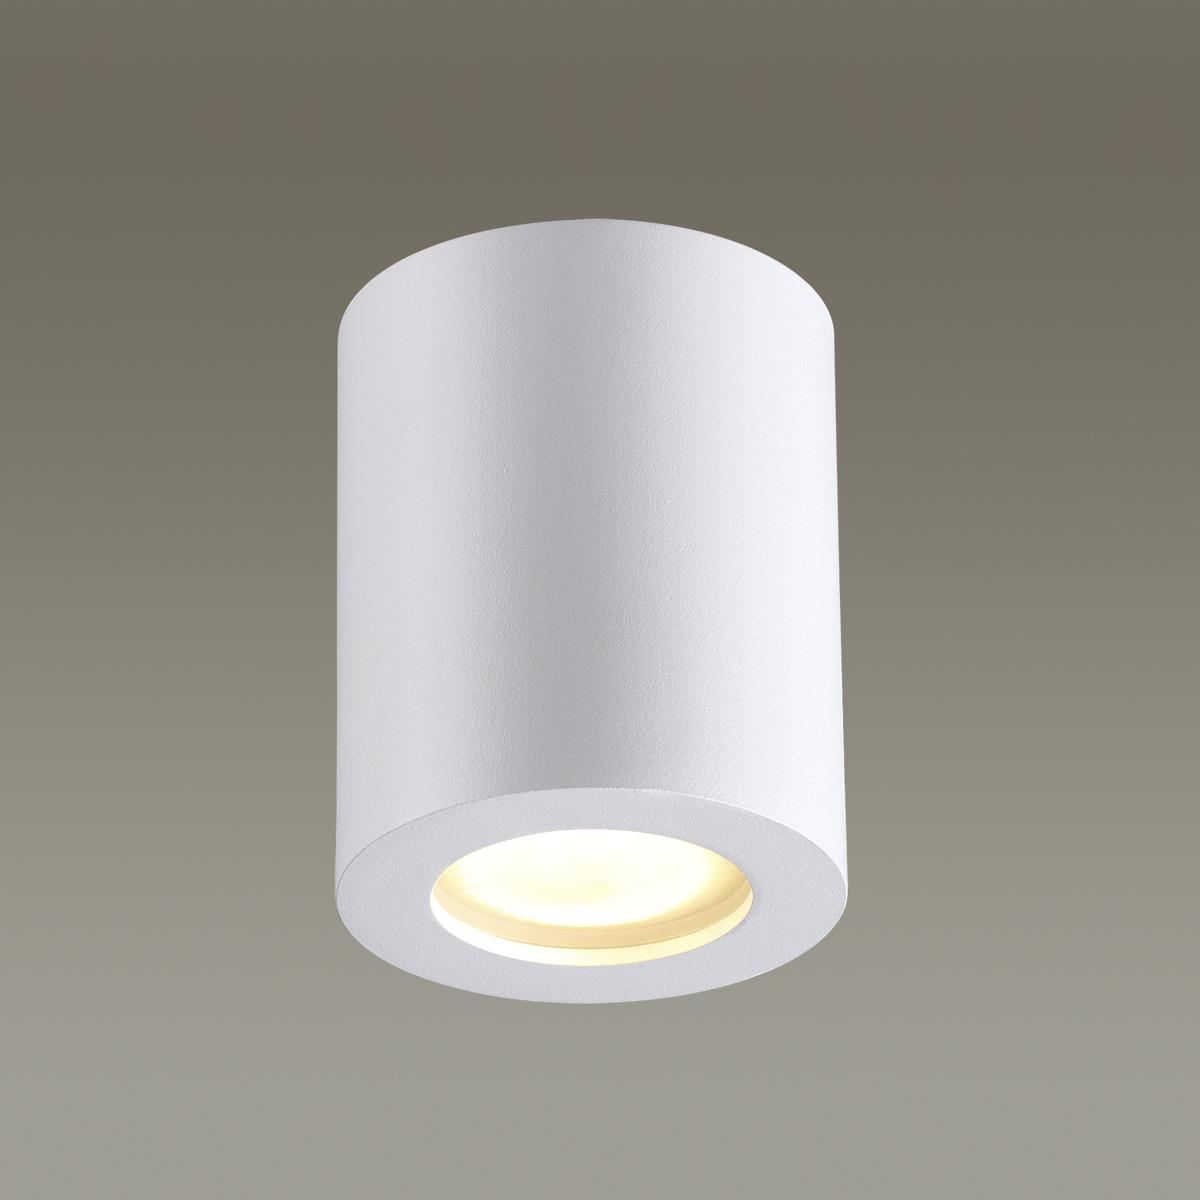 Потолочный светильник Odeon Light Hightech Aquana 3571/1C, IP44, 1xGU10x50W, белый, металл, стекло - фото 2